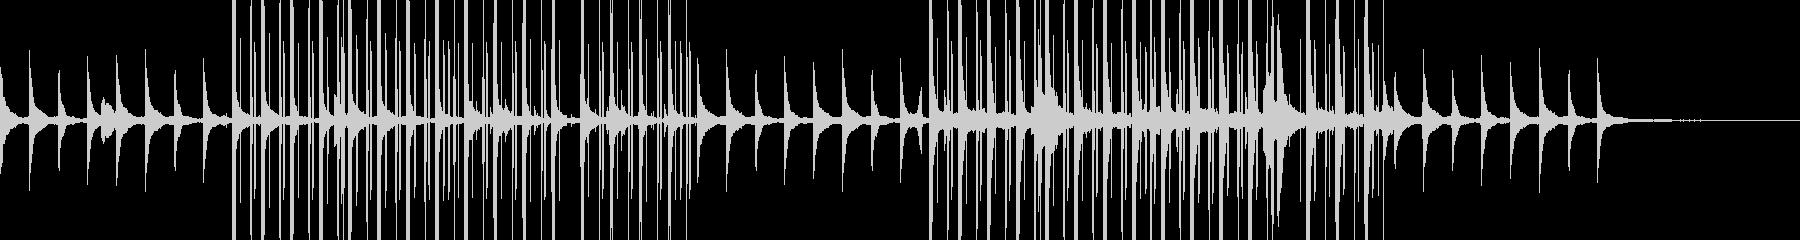 ピアノメインの壮大なスケールのインストの未再生の波形